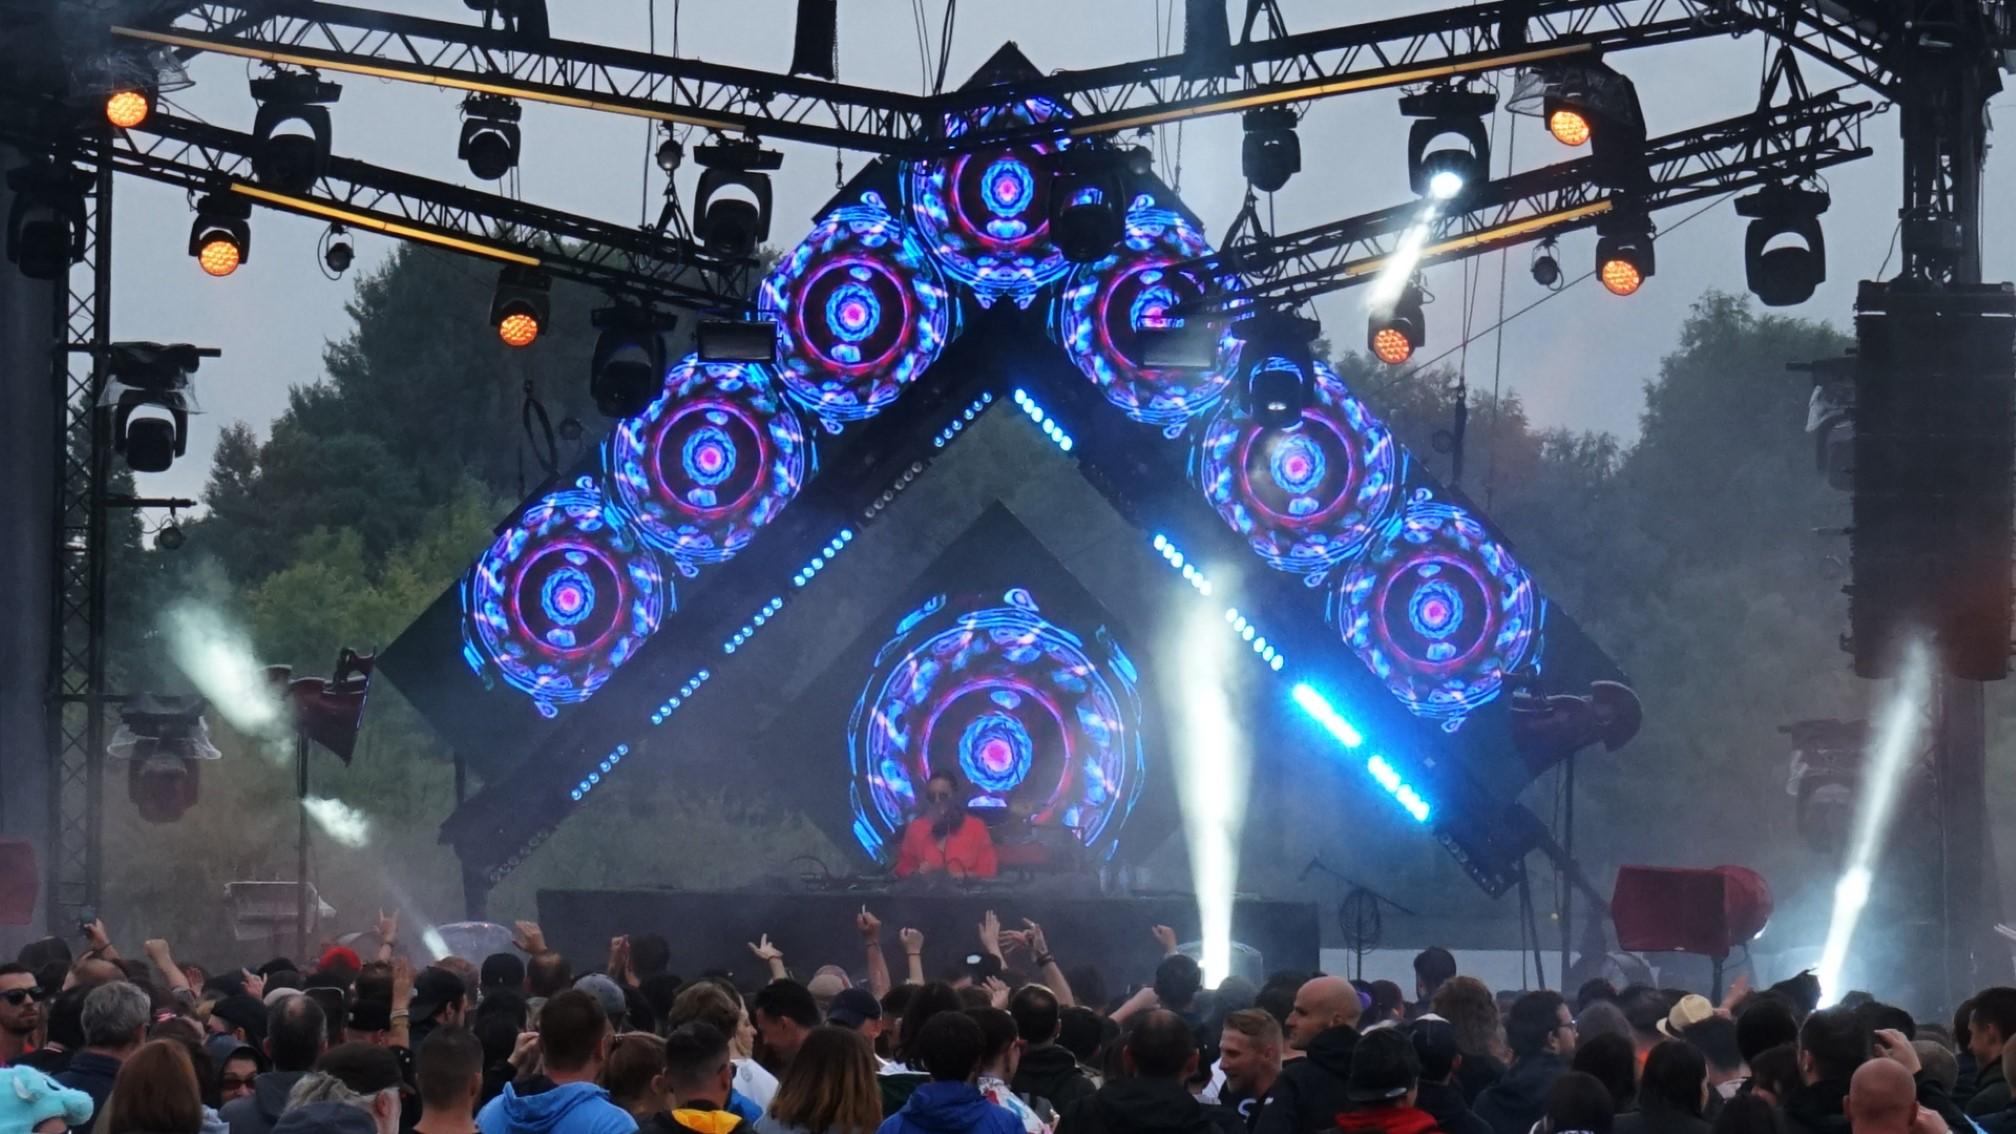 Plein_Air_Festival_Purpurea_-14